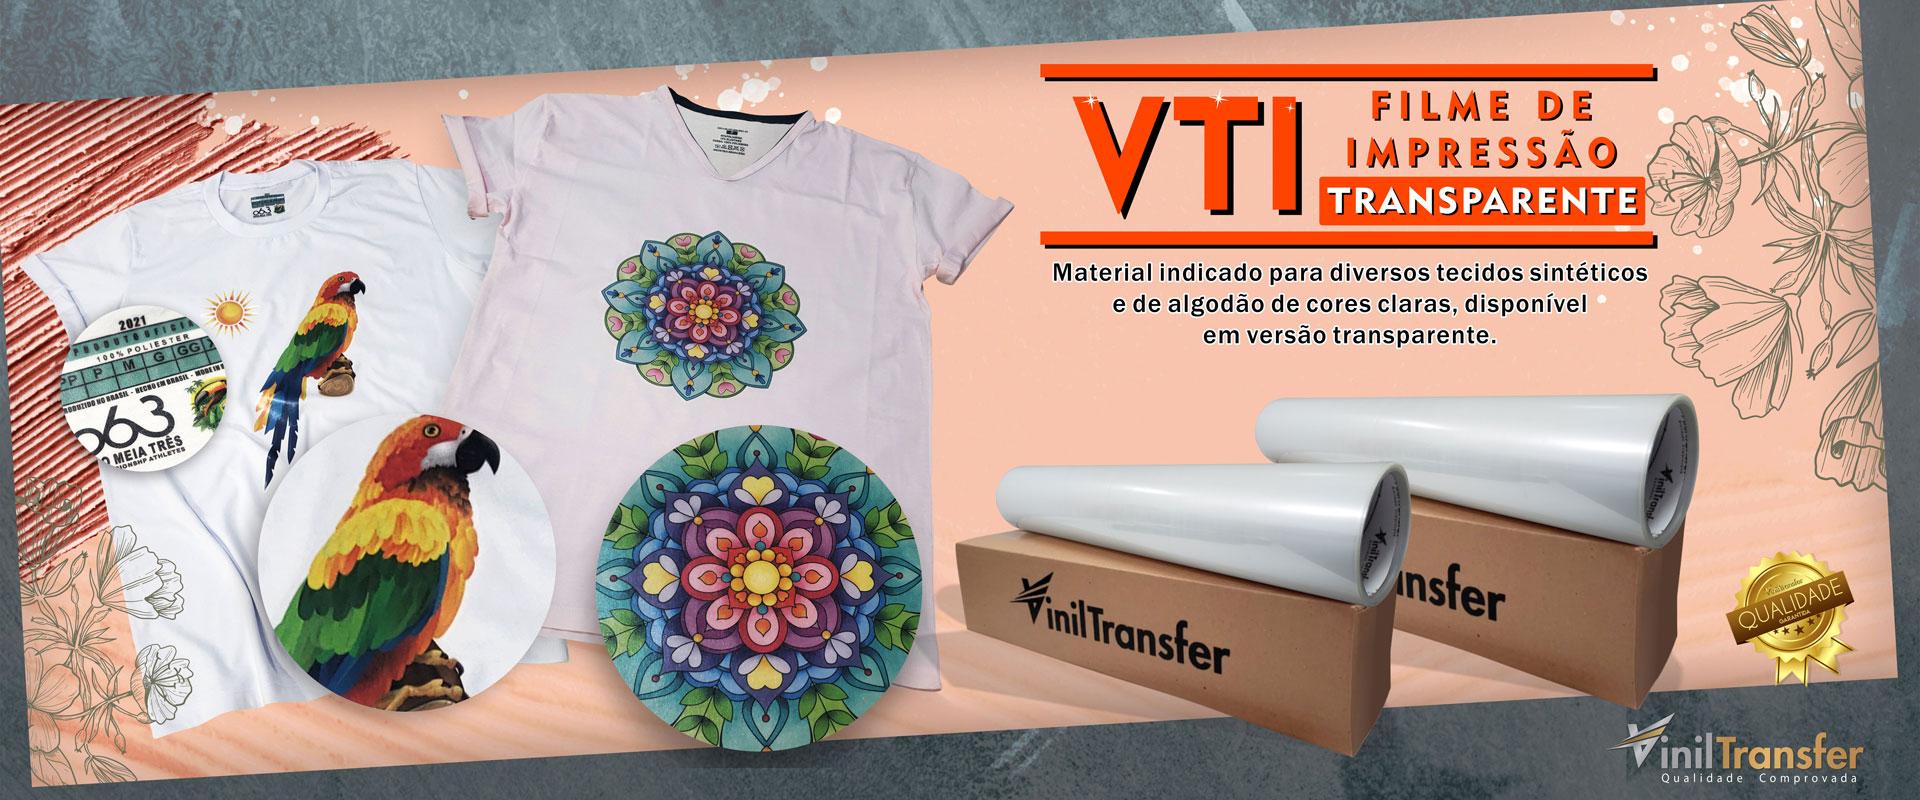 10---VTI-TRANSPARENTE_web